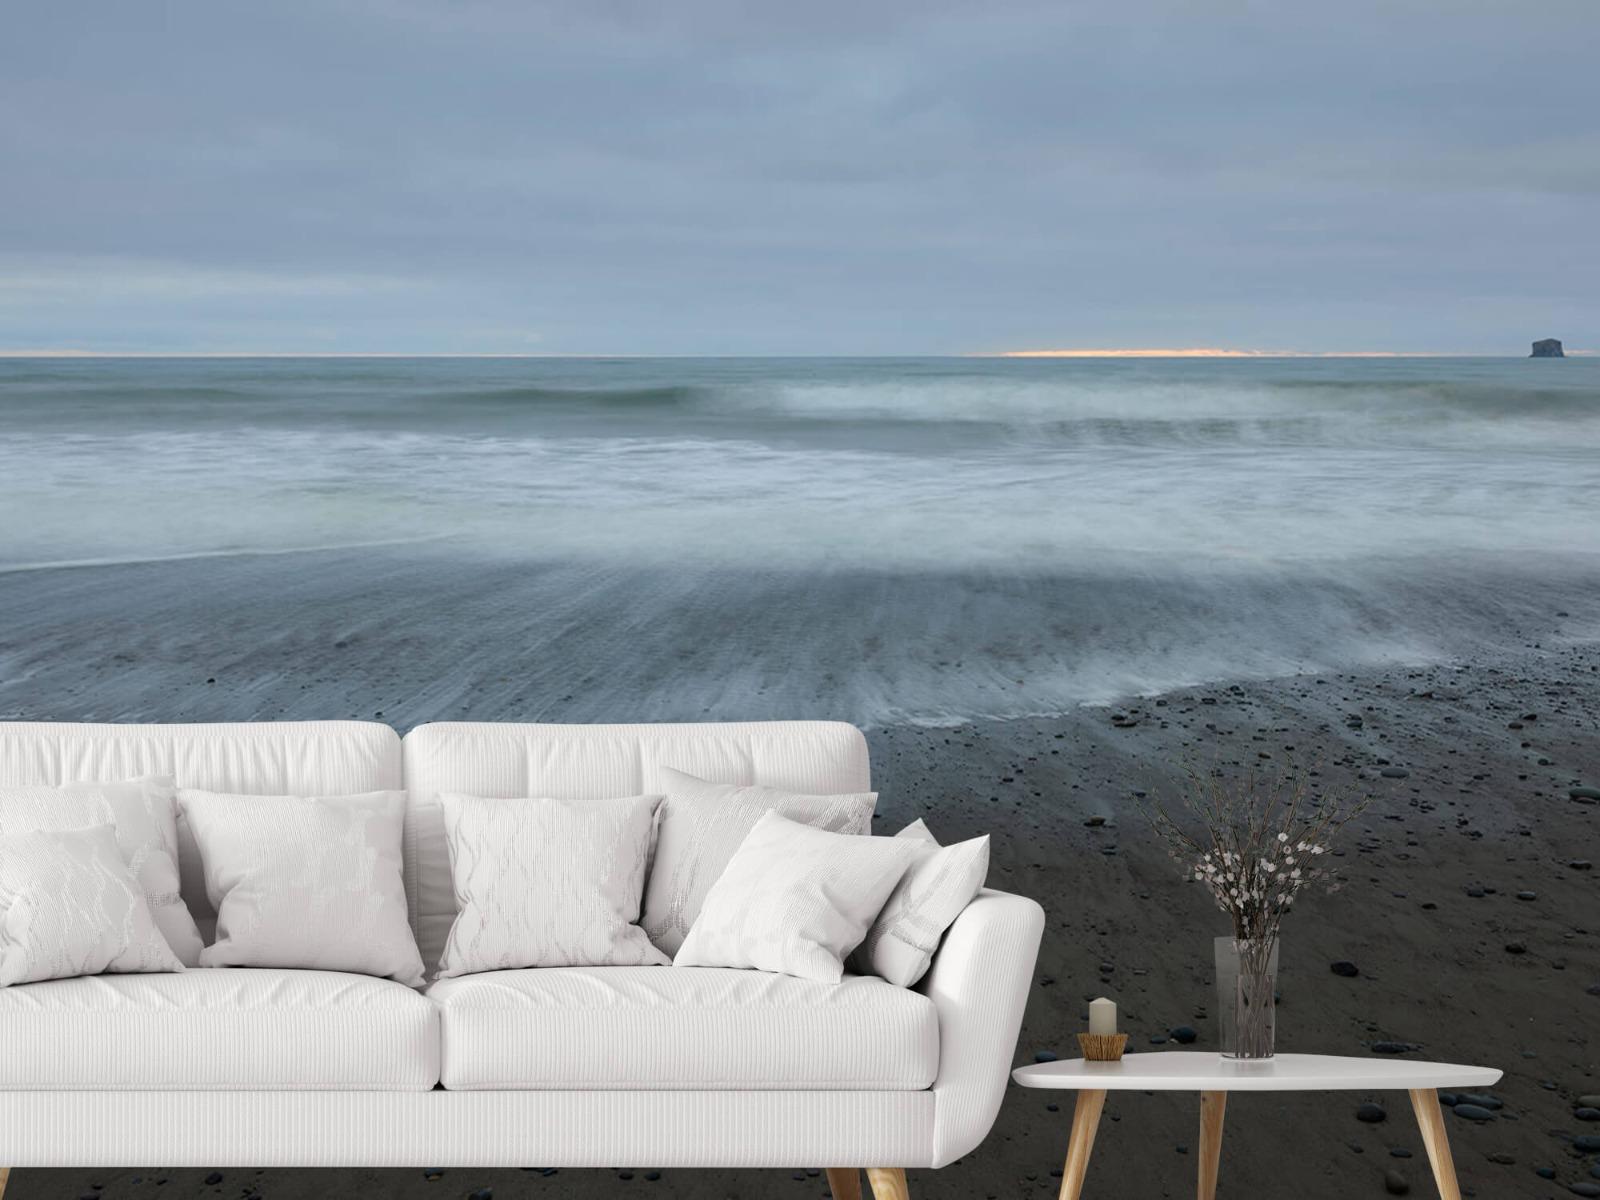 Zeeën en Oceanen - Golven aan het strand - Slaapkamer 6